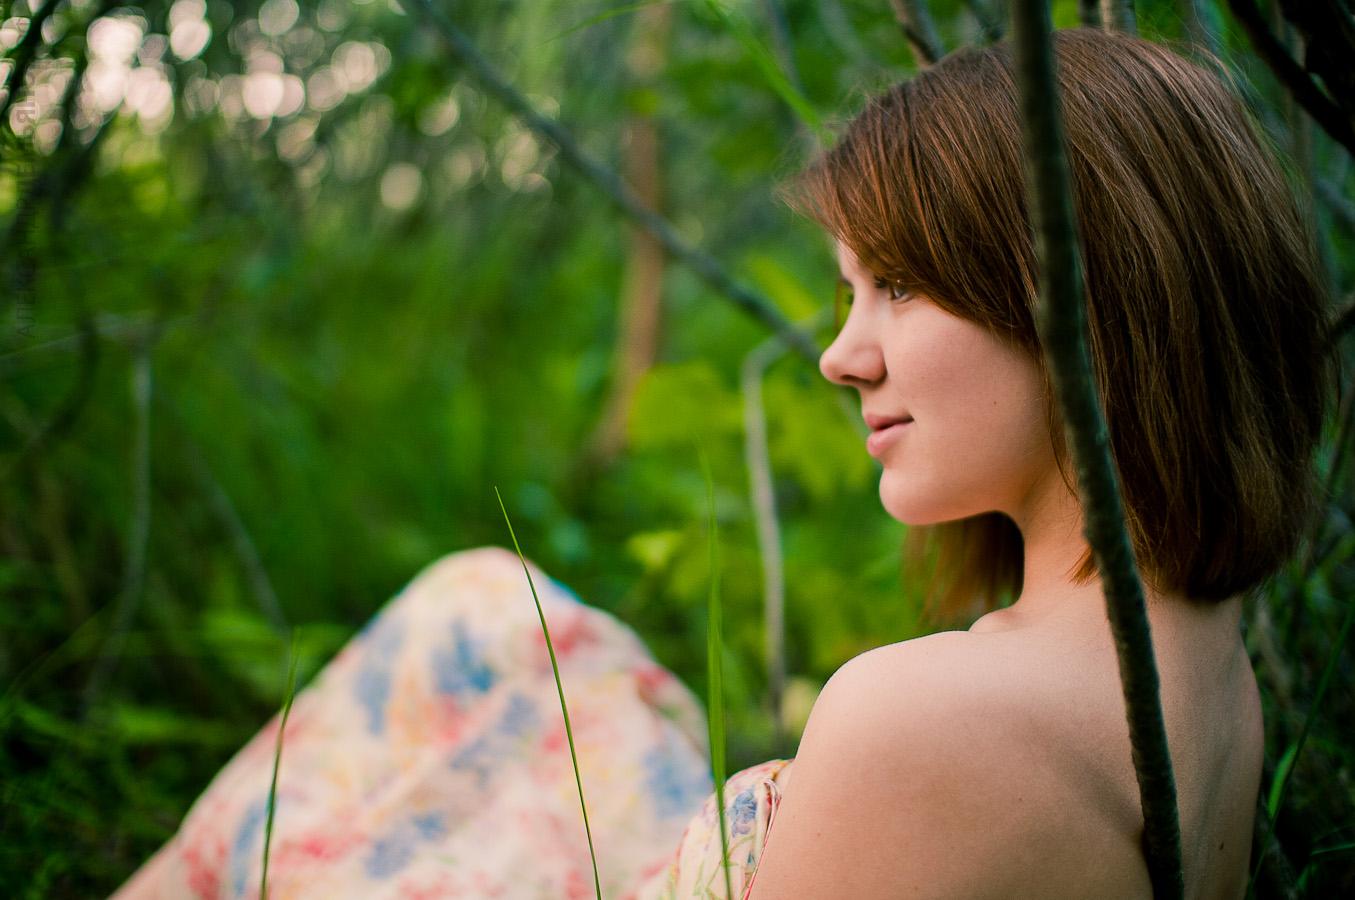 Идеи для фото девушек на природе